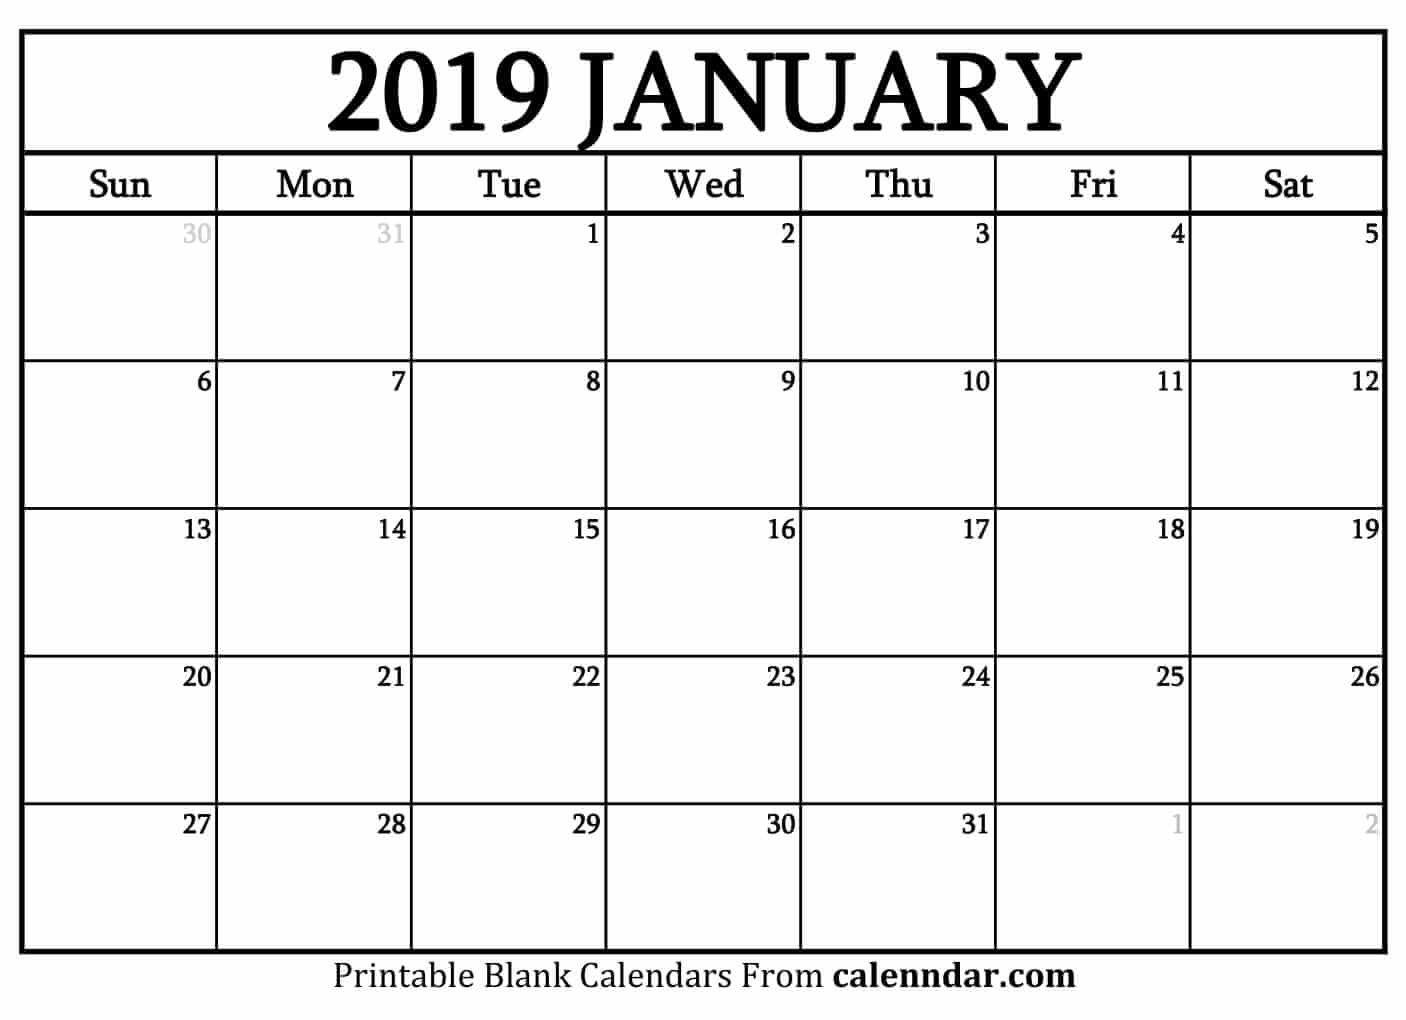 Blank January 2019 Calendar Templates - Calenndar Calendar 2019 January